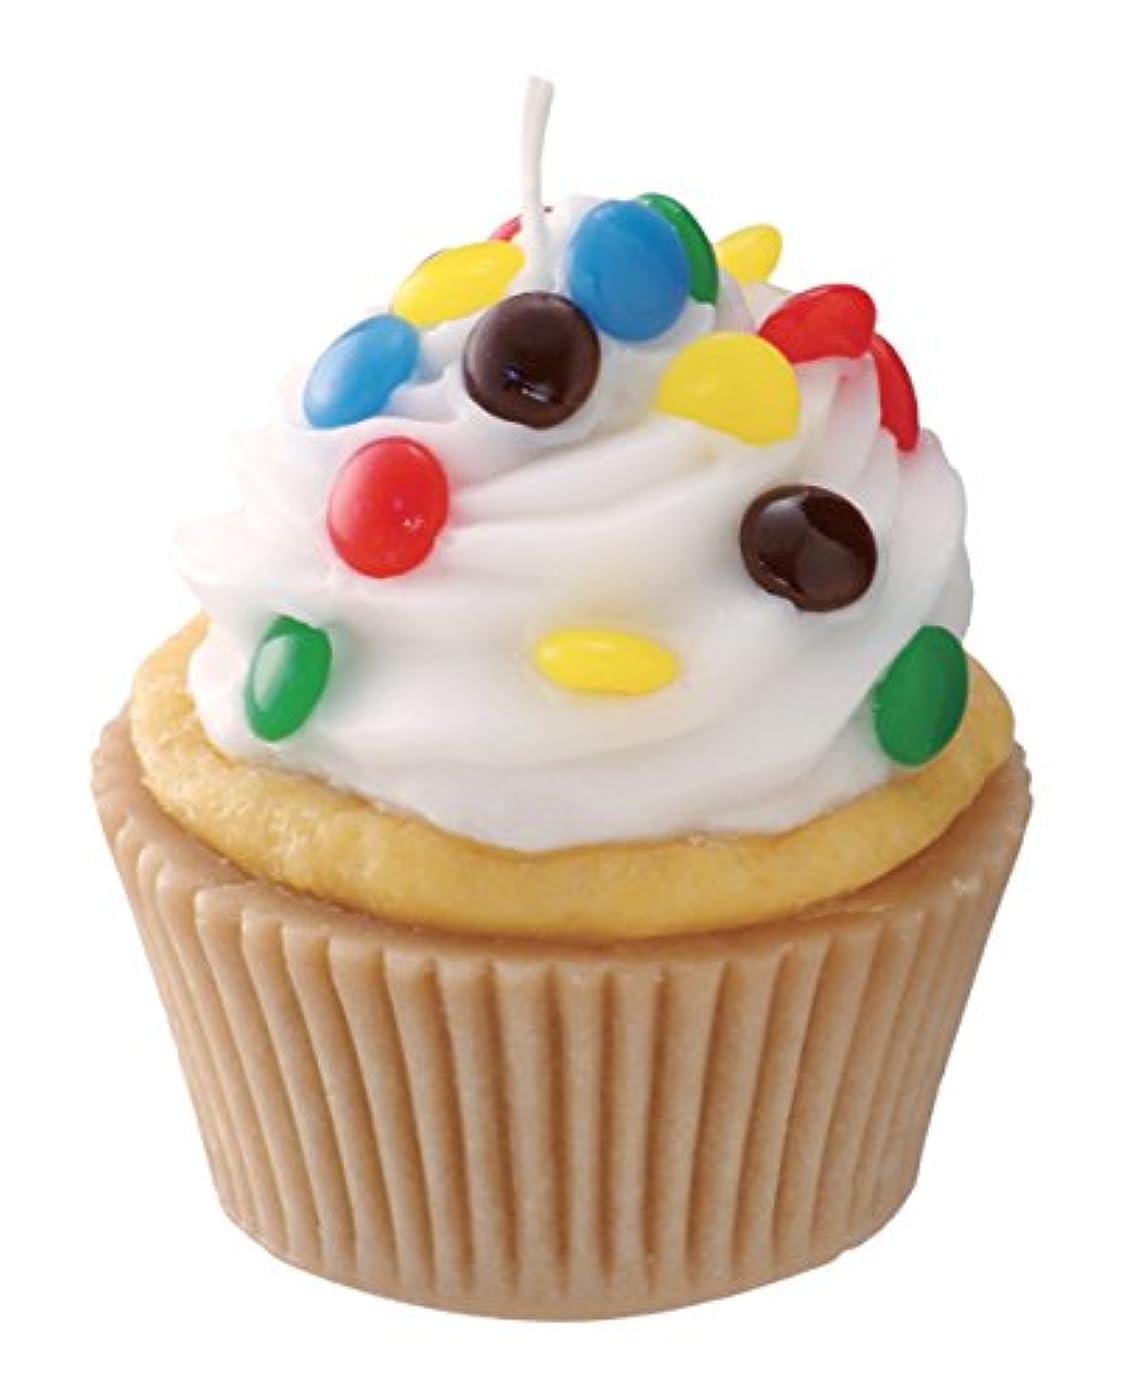 汗司教スコットランド人カメヤマキャンドルハウス 本物そっくり! アメリカンカップケーキキャンドル ホワイトクリーム チョコレートの香り